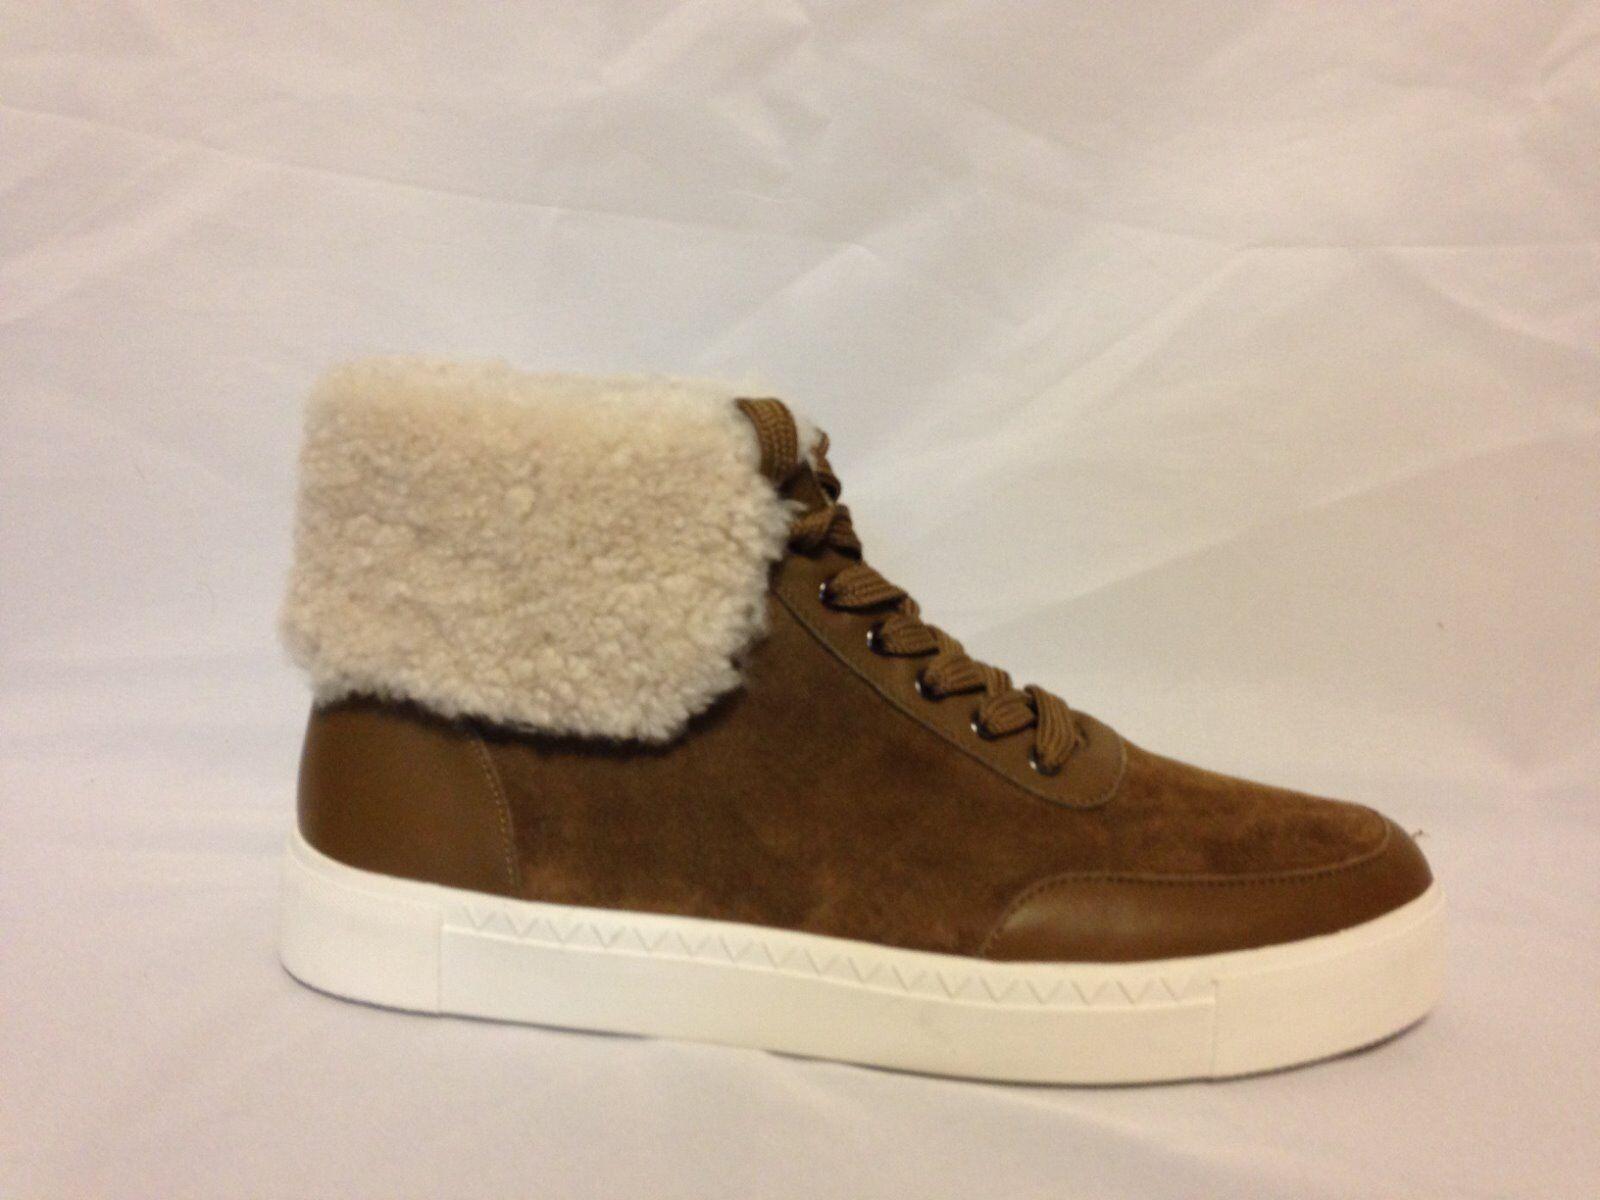 Via Spiga Maia Shearling Cuff Sneaker Sneaker Sneaker Rattan Napa Suede  New with Box 70f167